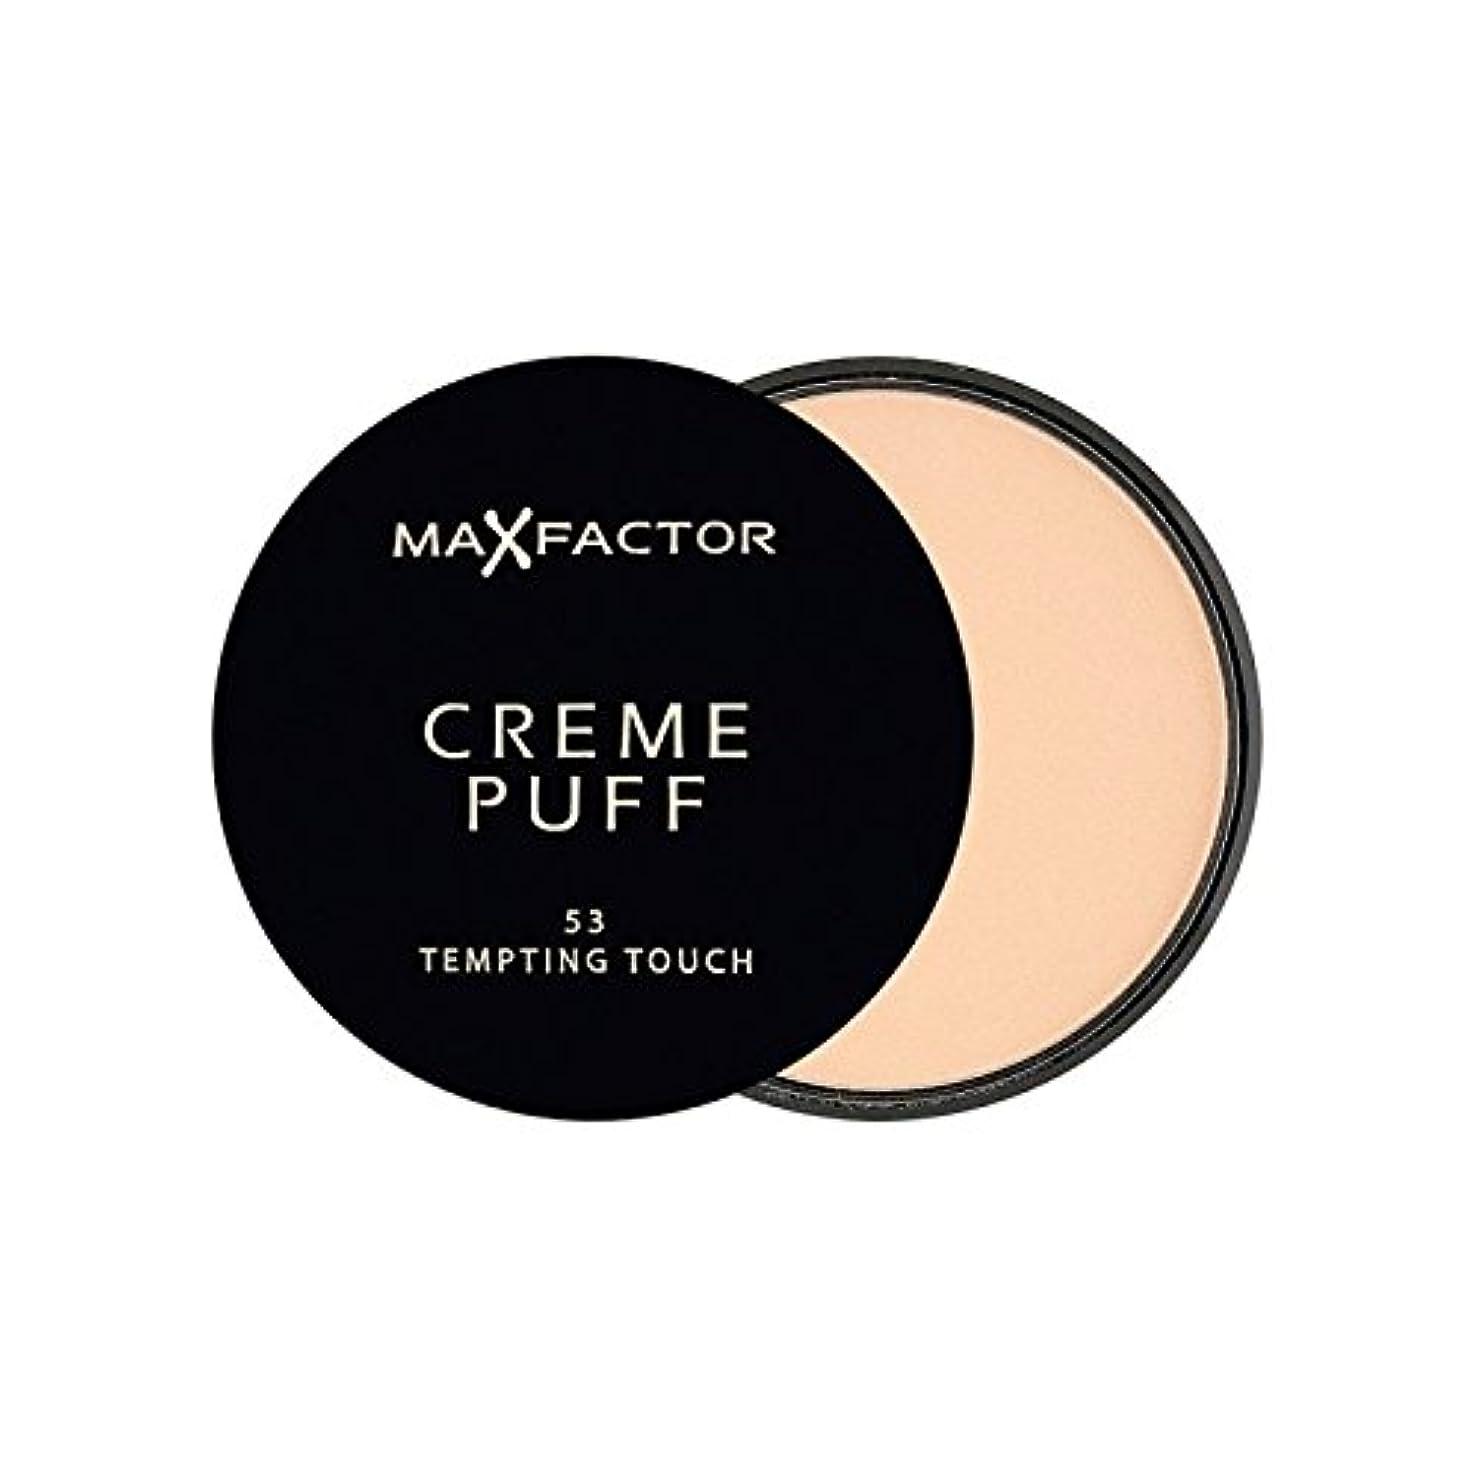 冷笑するギャングスター申し立てるマックスファクタークリームパフパウダーコンパクト魅力的なタッチ53 x4 - Max Factor Creme Puff Powder Compact Tempting Touch 53 (Pack of 4) [並行輸入品]